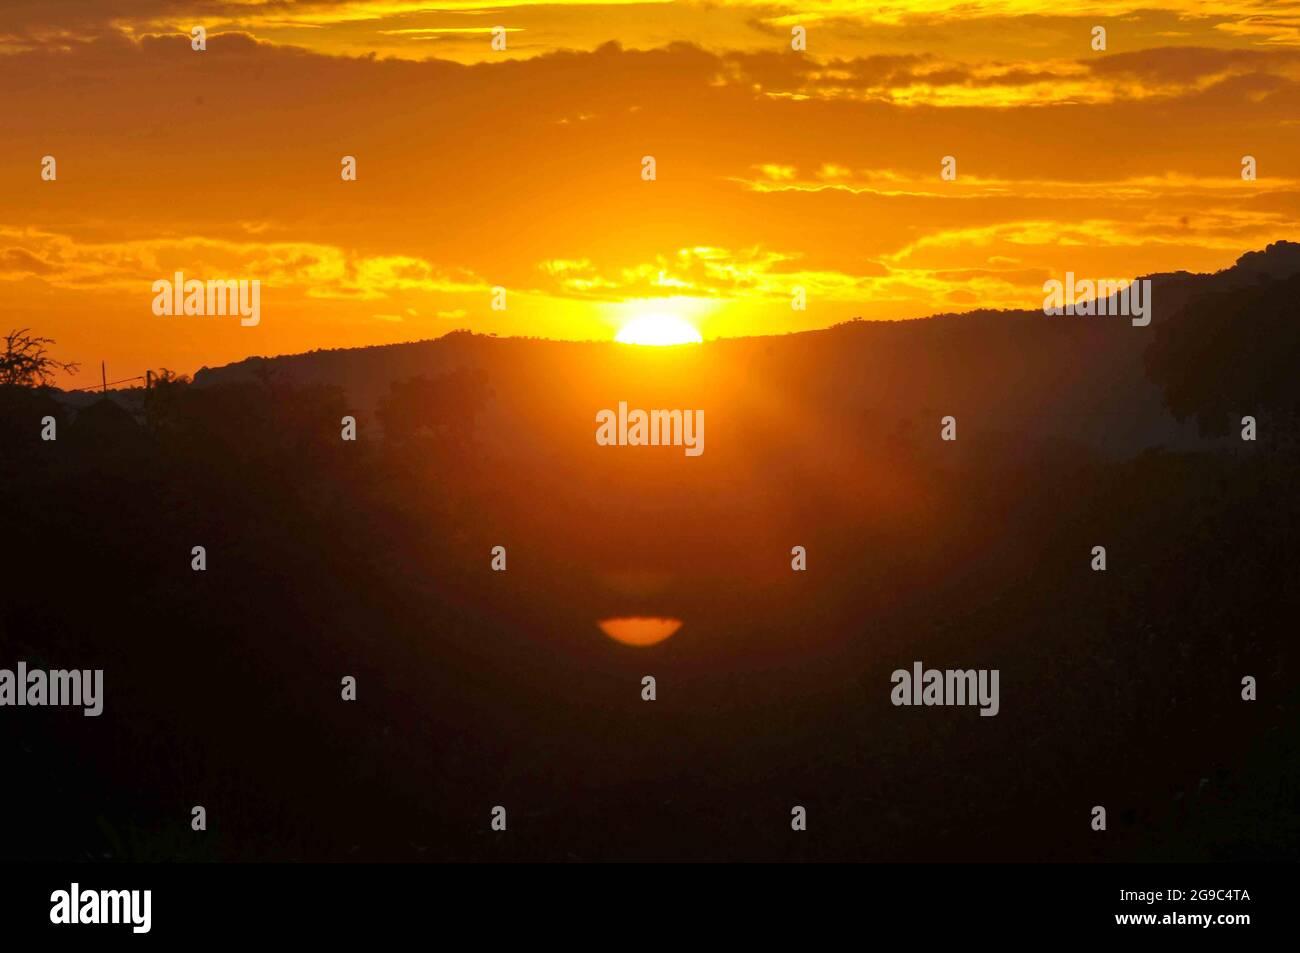 Le soleil se lève dans l'est de l'Ouganda à Mbale City. Le soleil se lève à 7h00 dans cette partie particulière du pays qui borde le Kenya. Ouganda. Banque D'Images